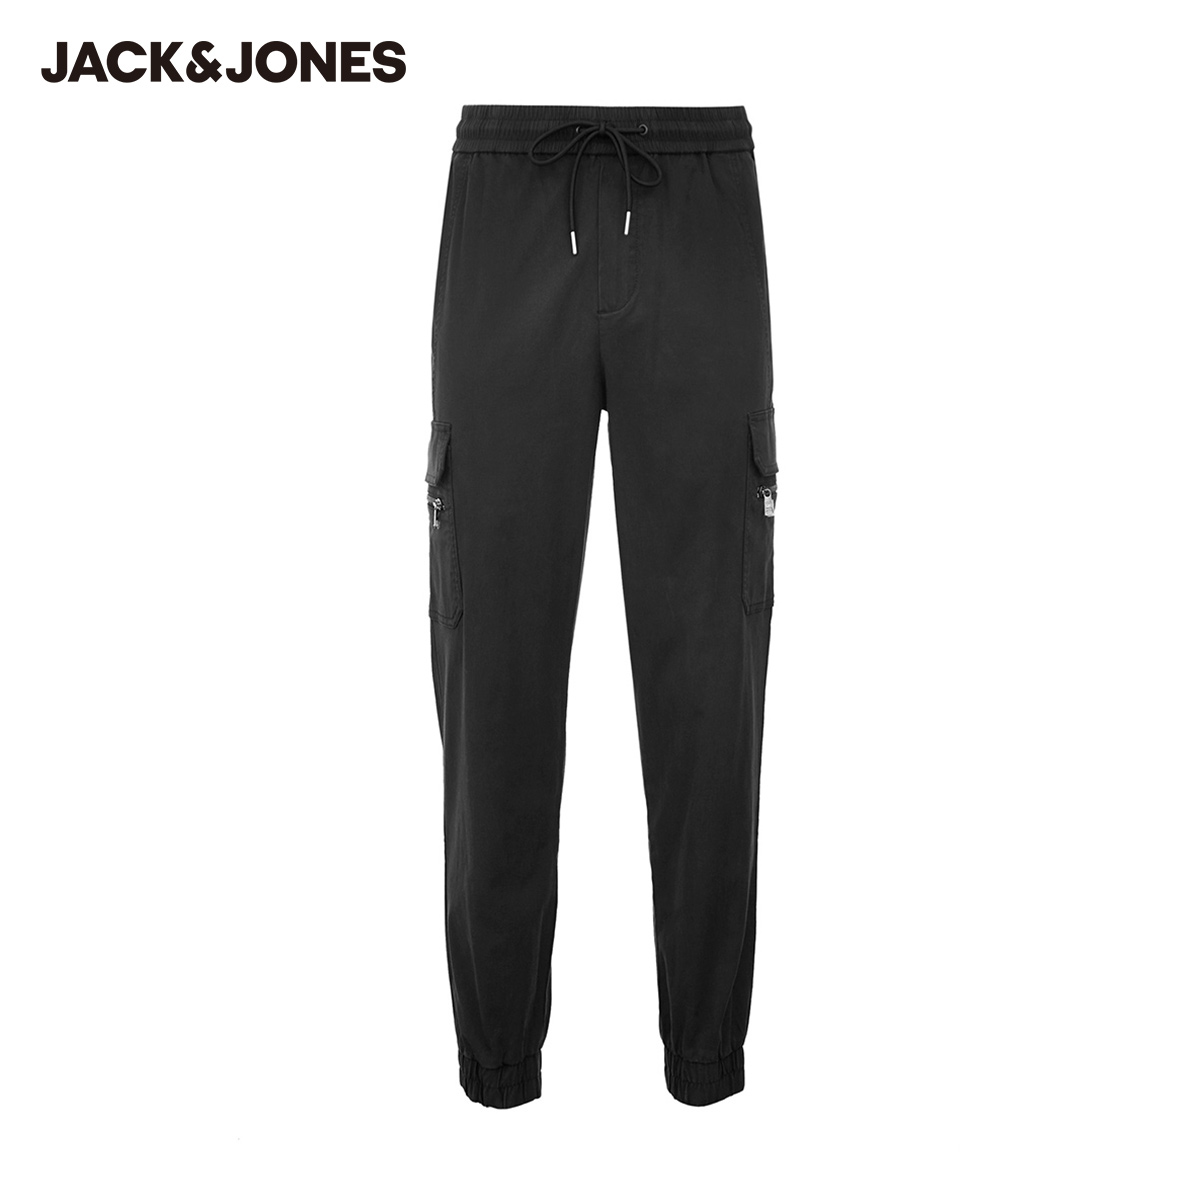 【预售】杰克琼斯冬男潮流百搭街头弹力舒适工装休闲裤221214087